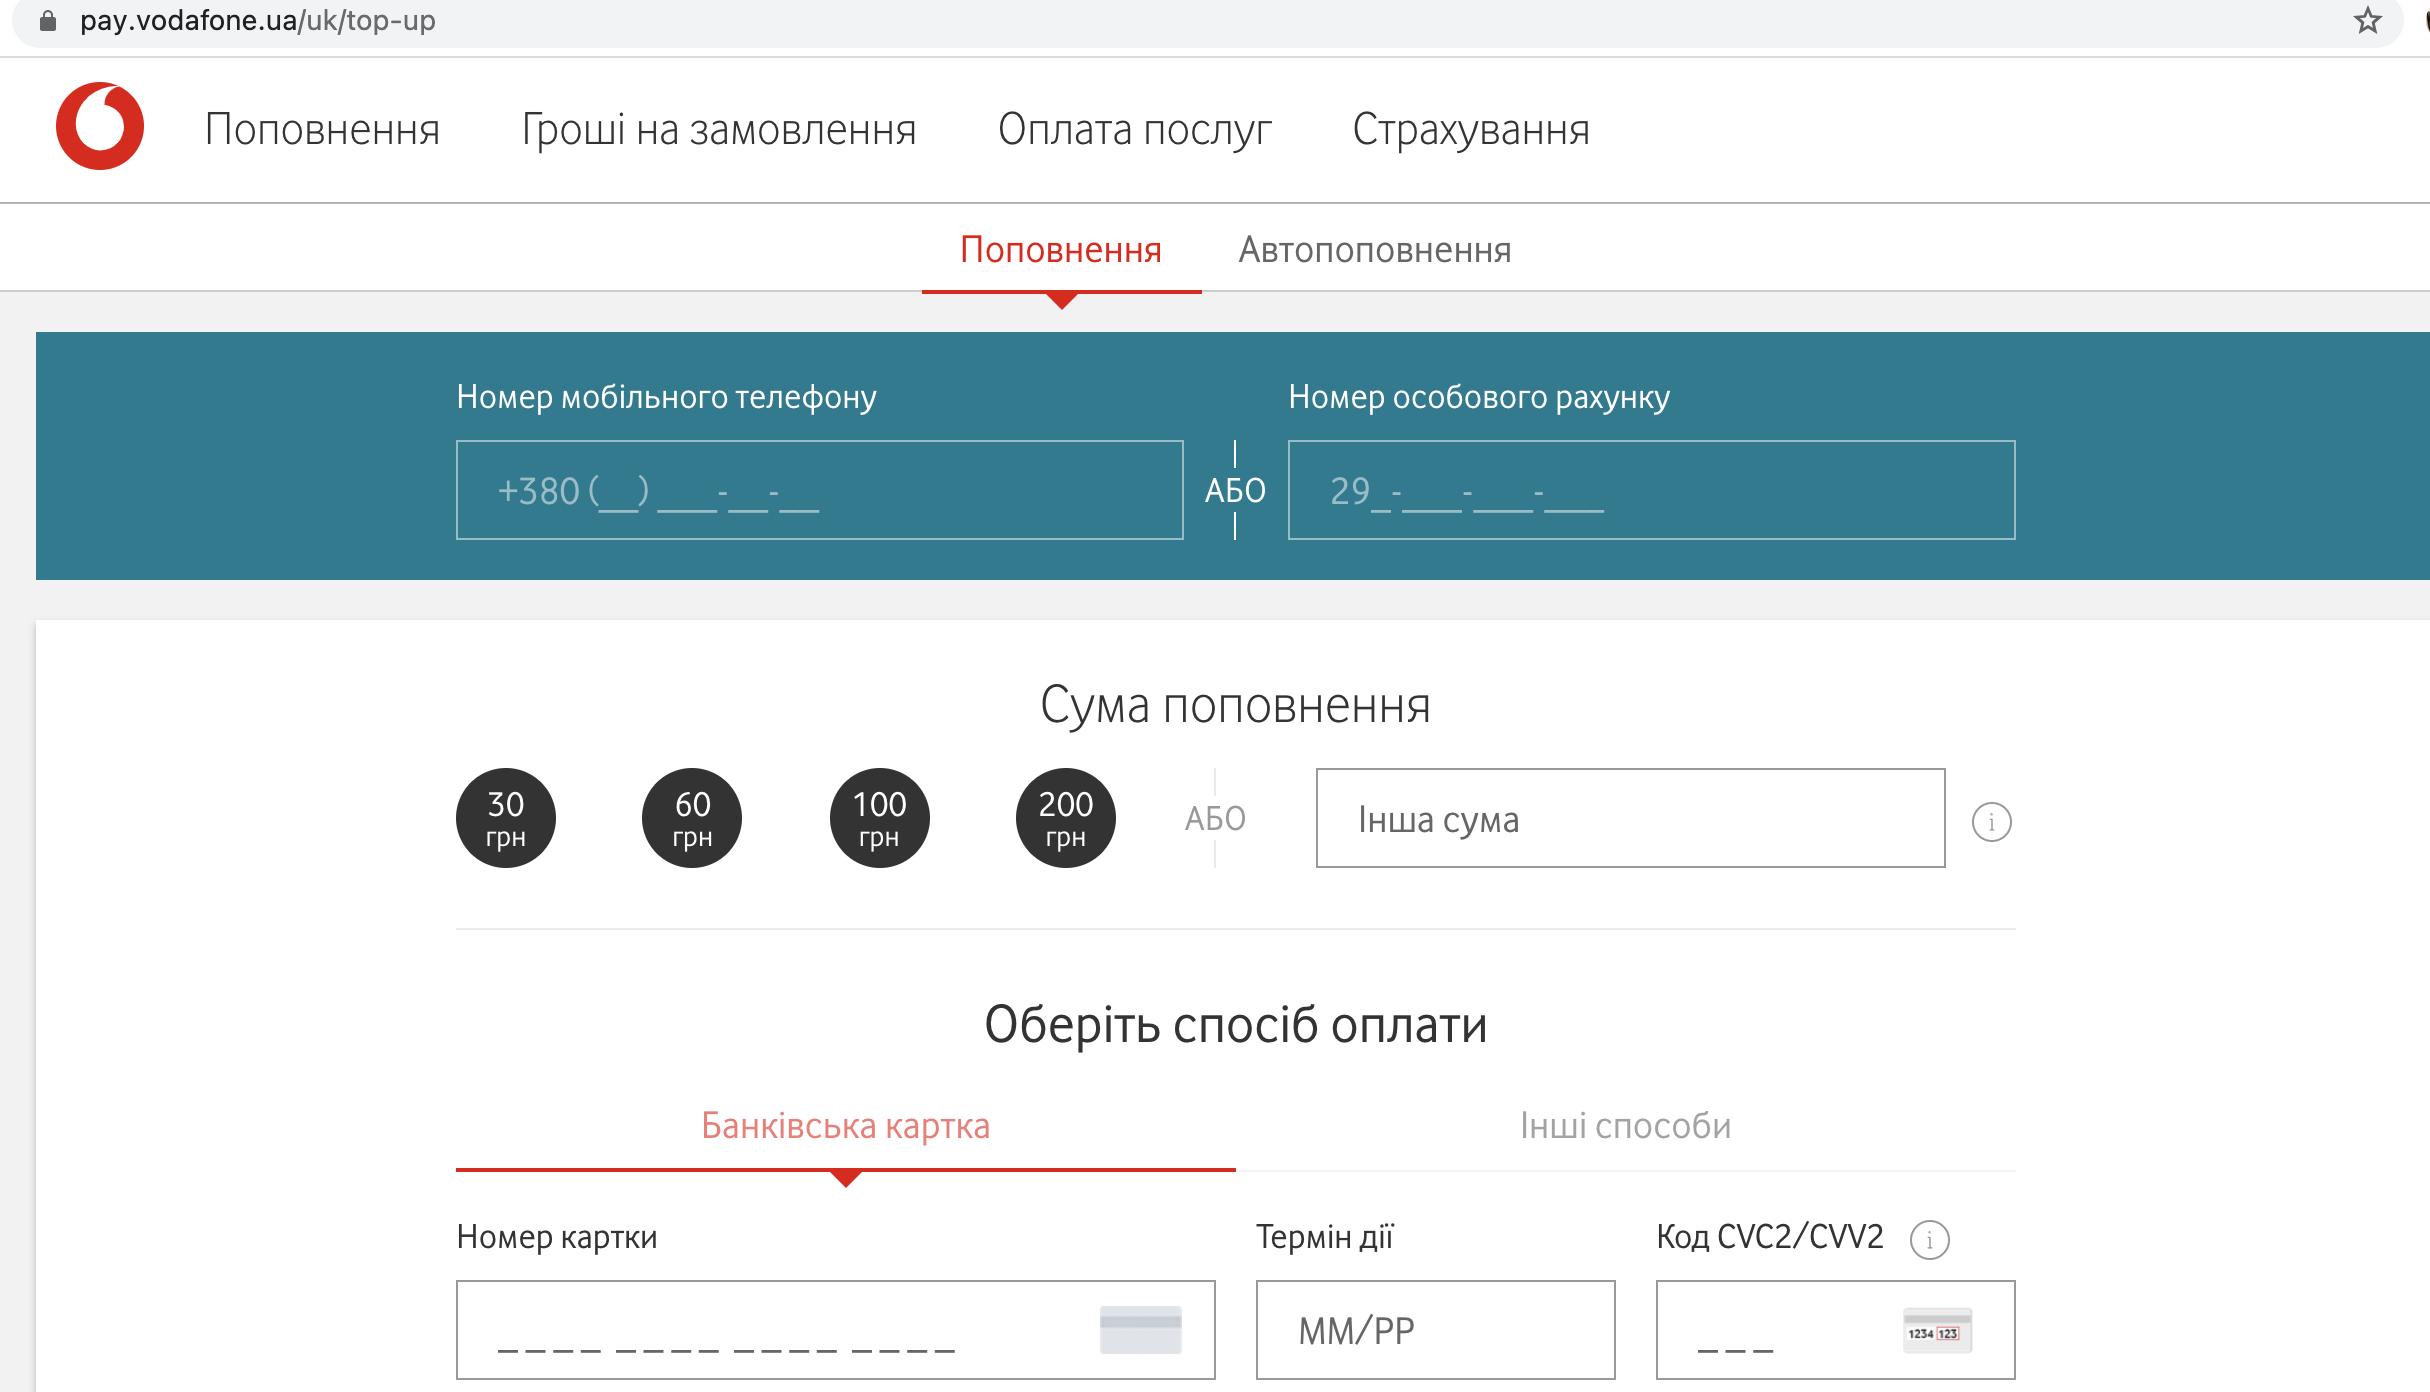 Как пополнить счет мобильного на Vodafone онлайн не выходя из дома — фото 1